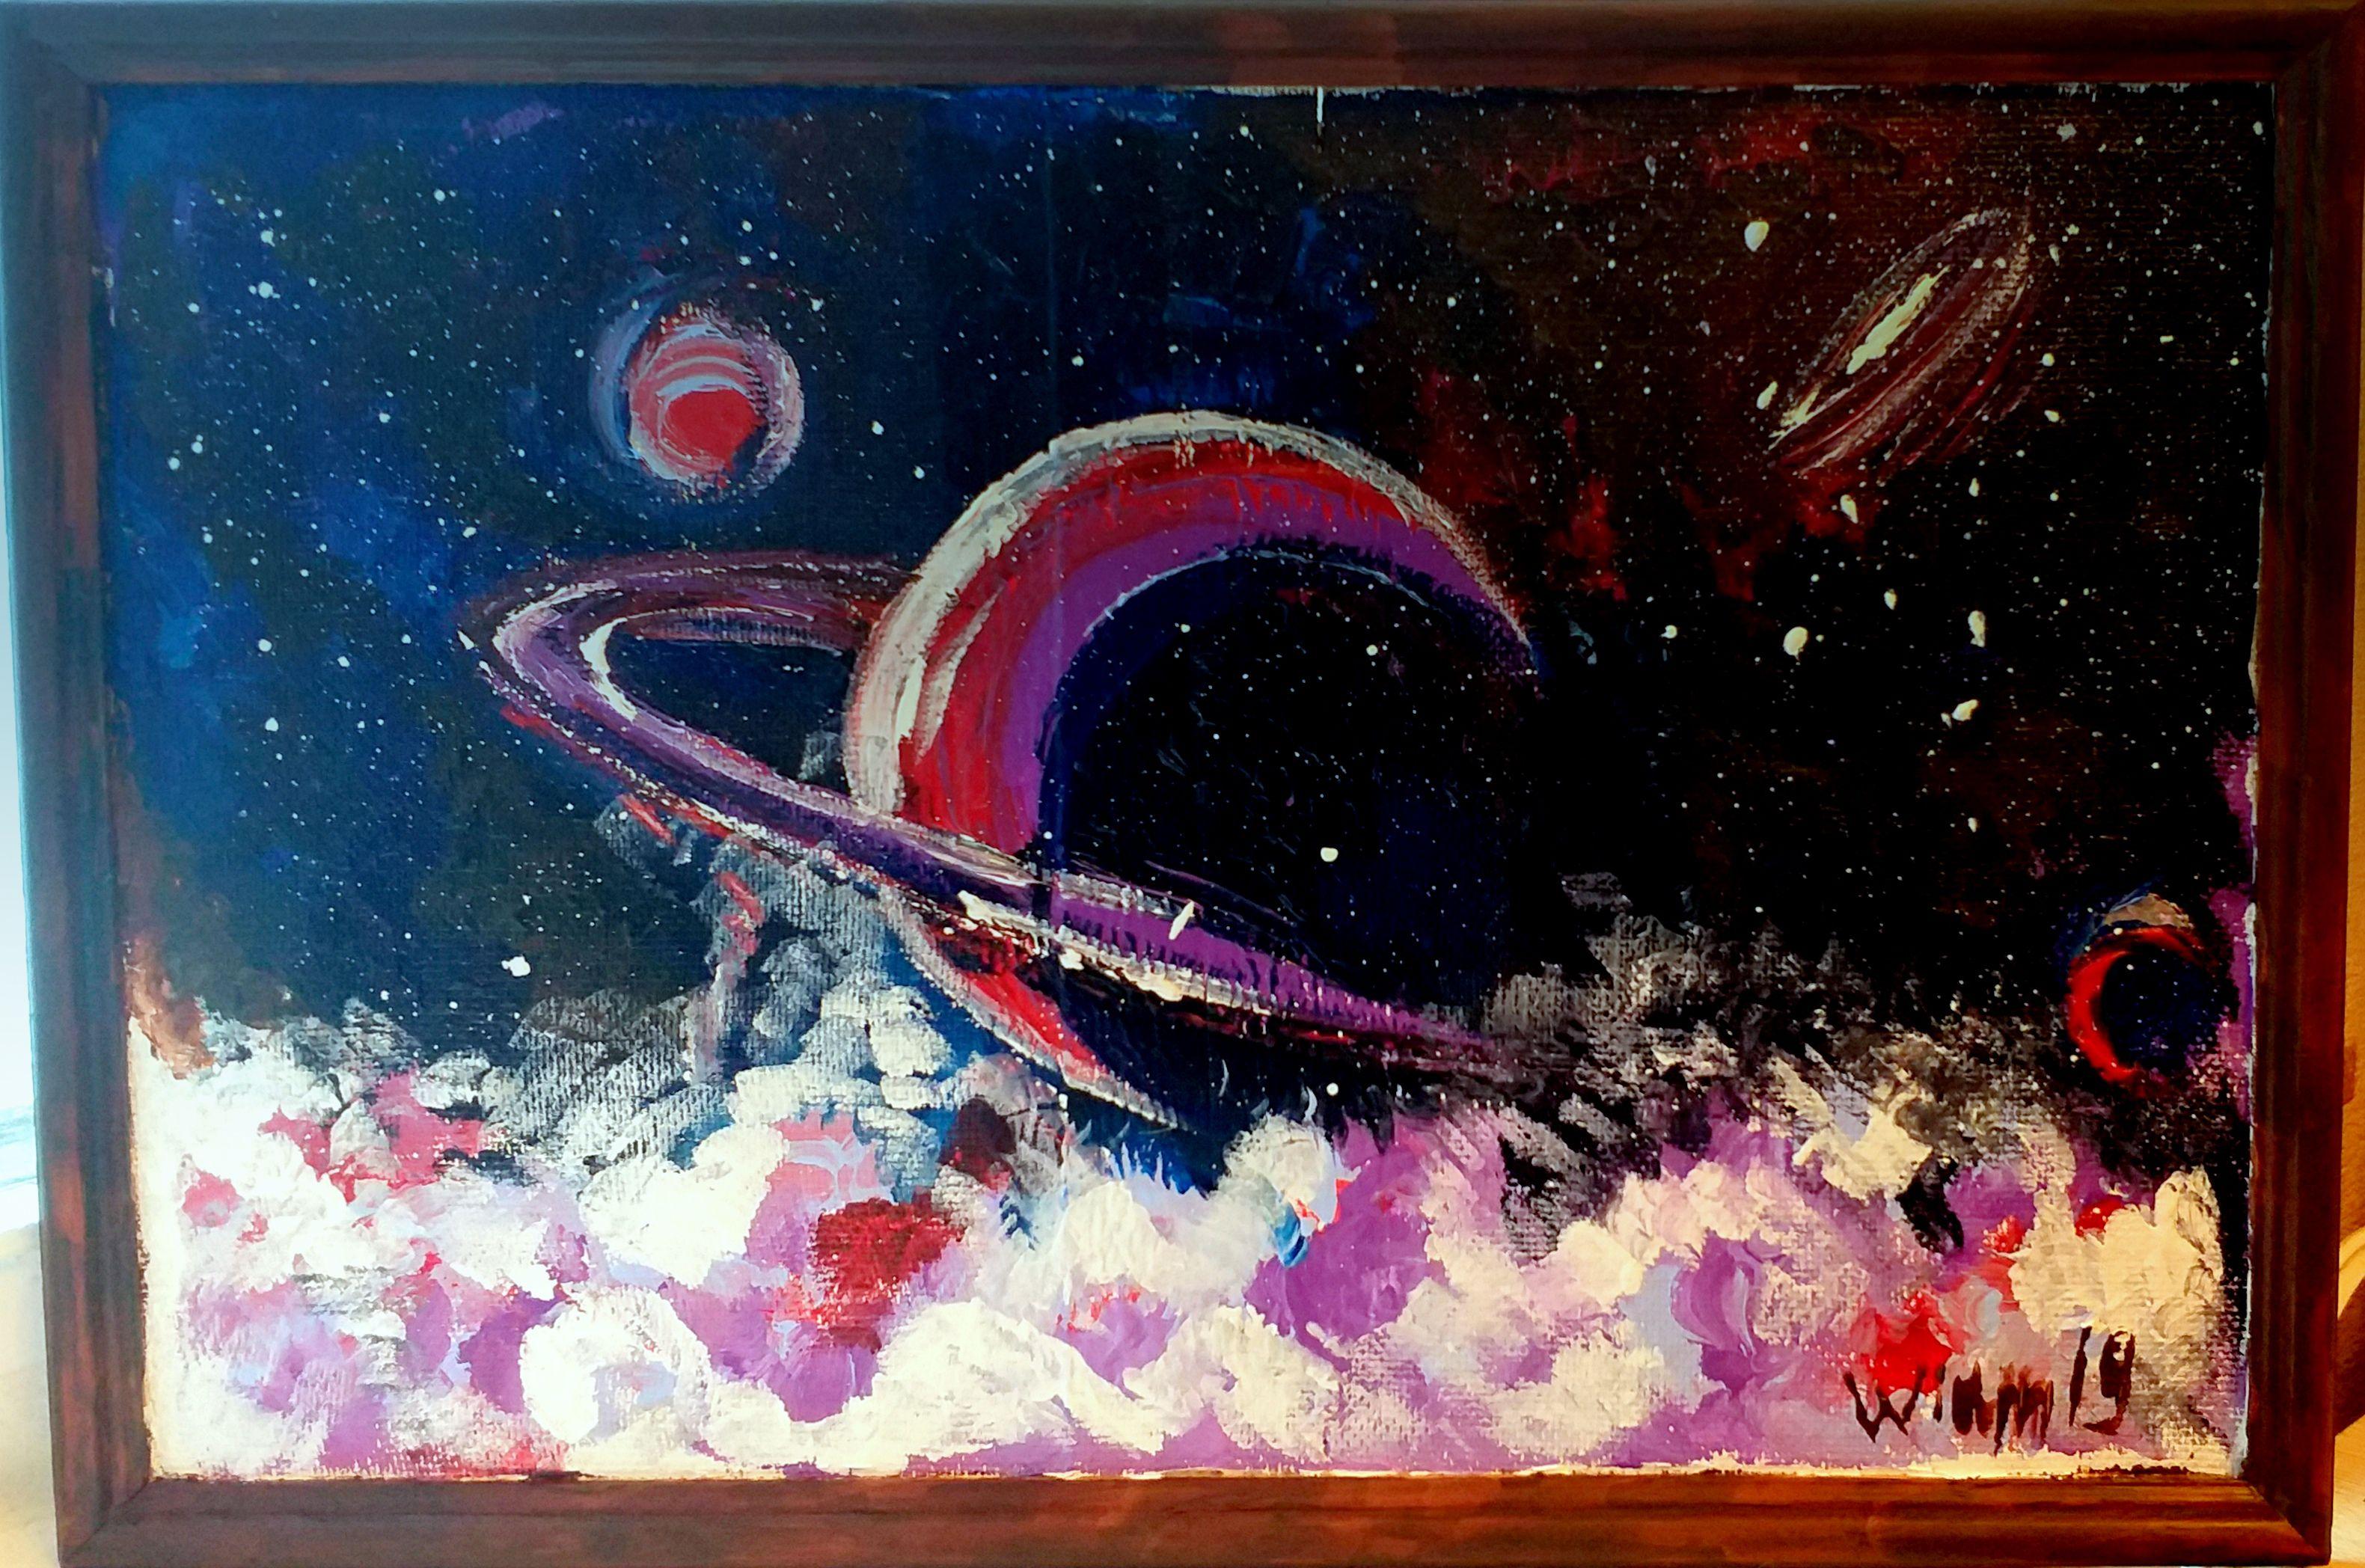 авторская вселенная арт совремнная абстракция ручная акрил продажа живопись картины работа космос вещь